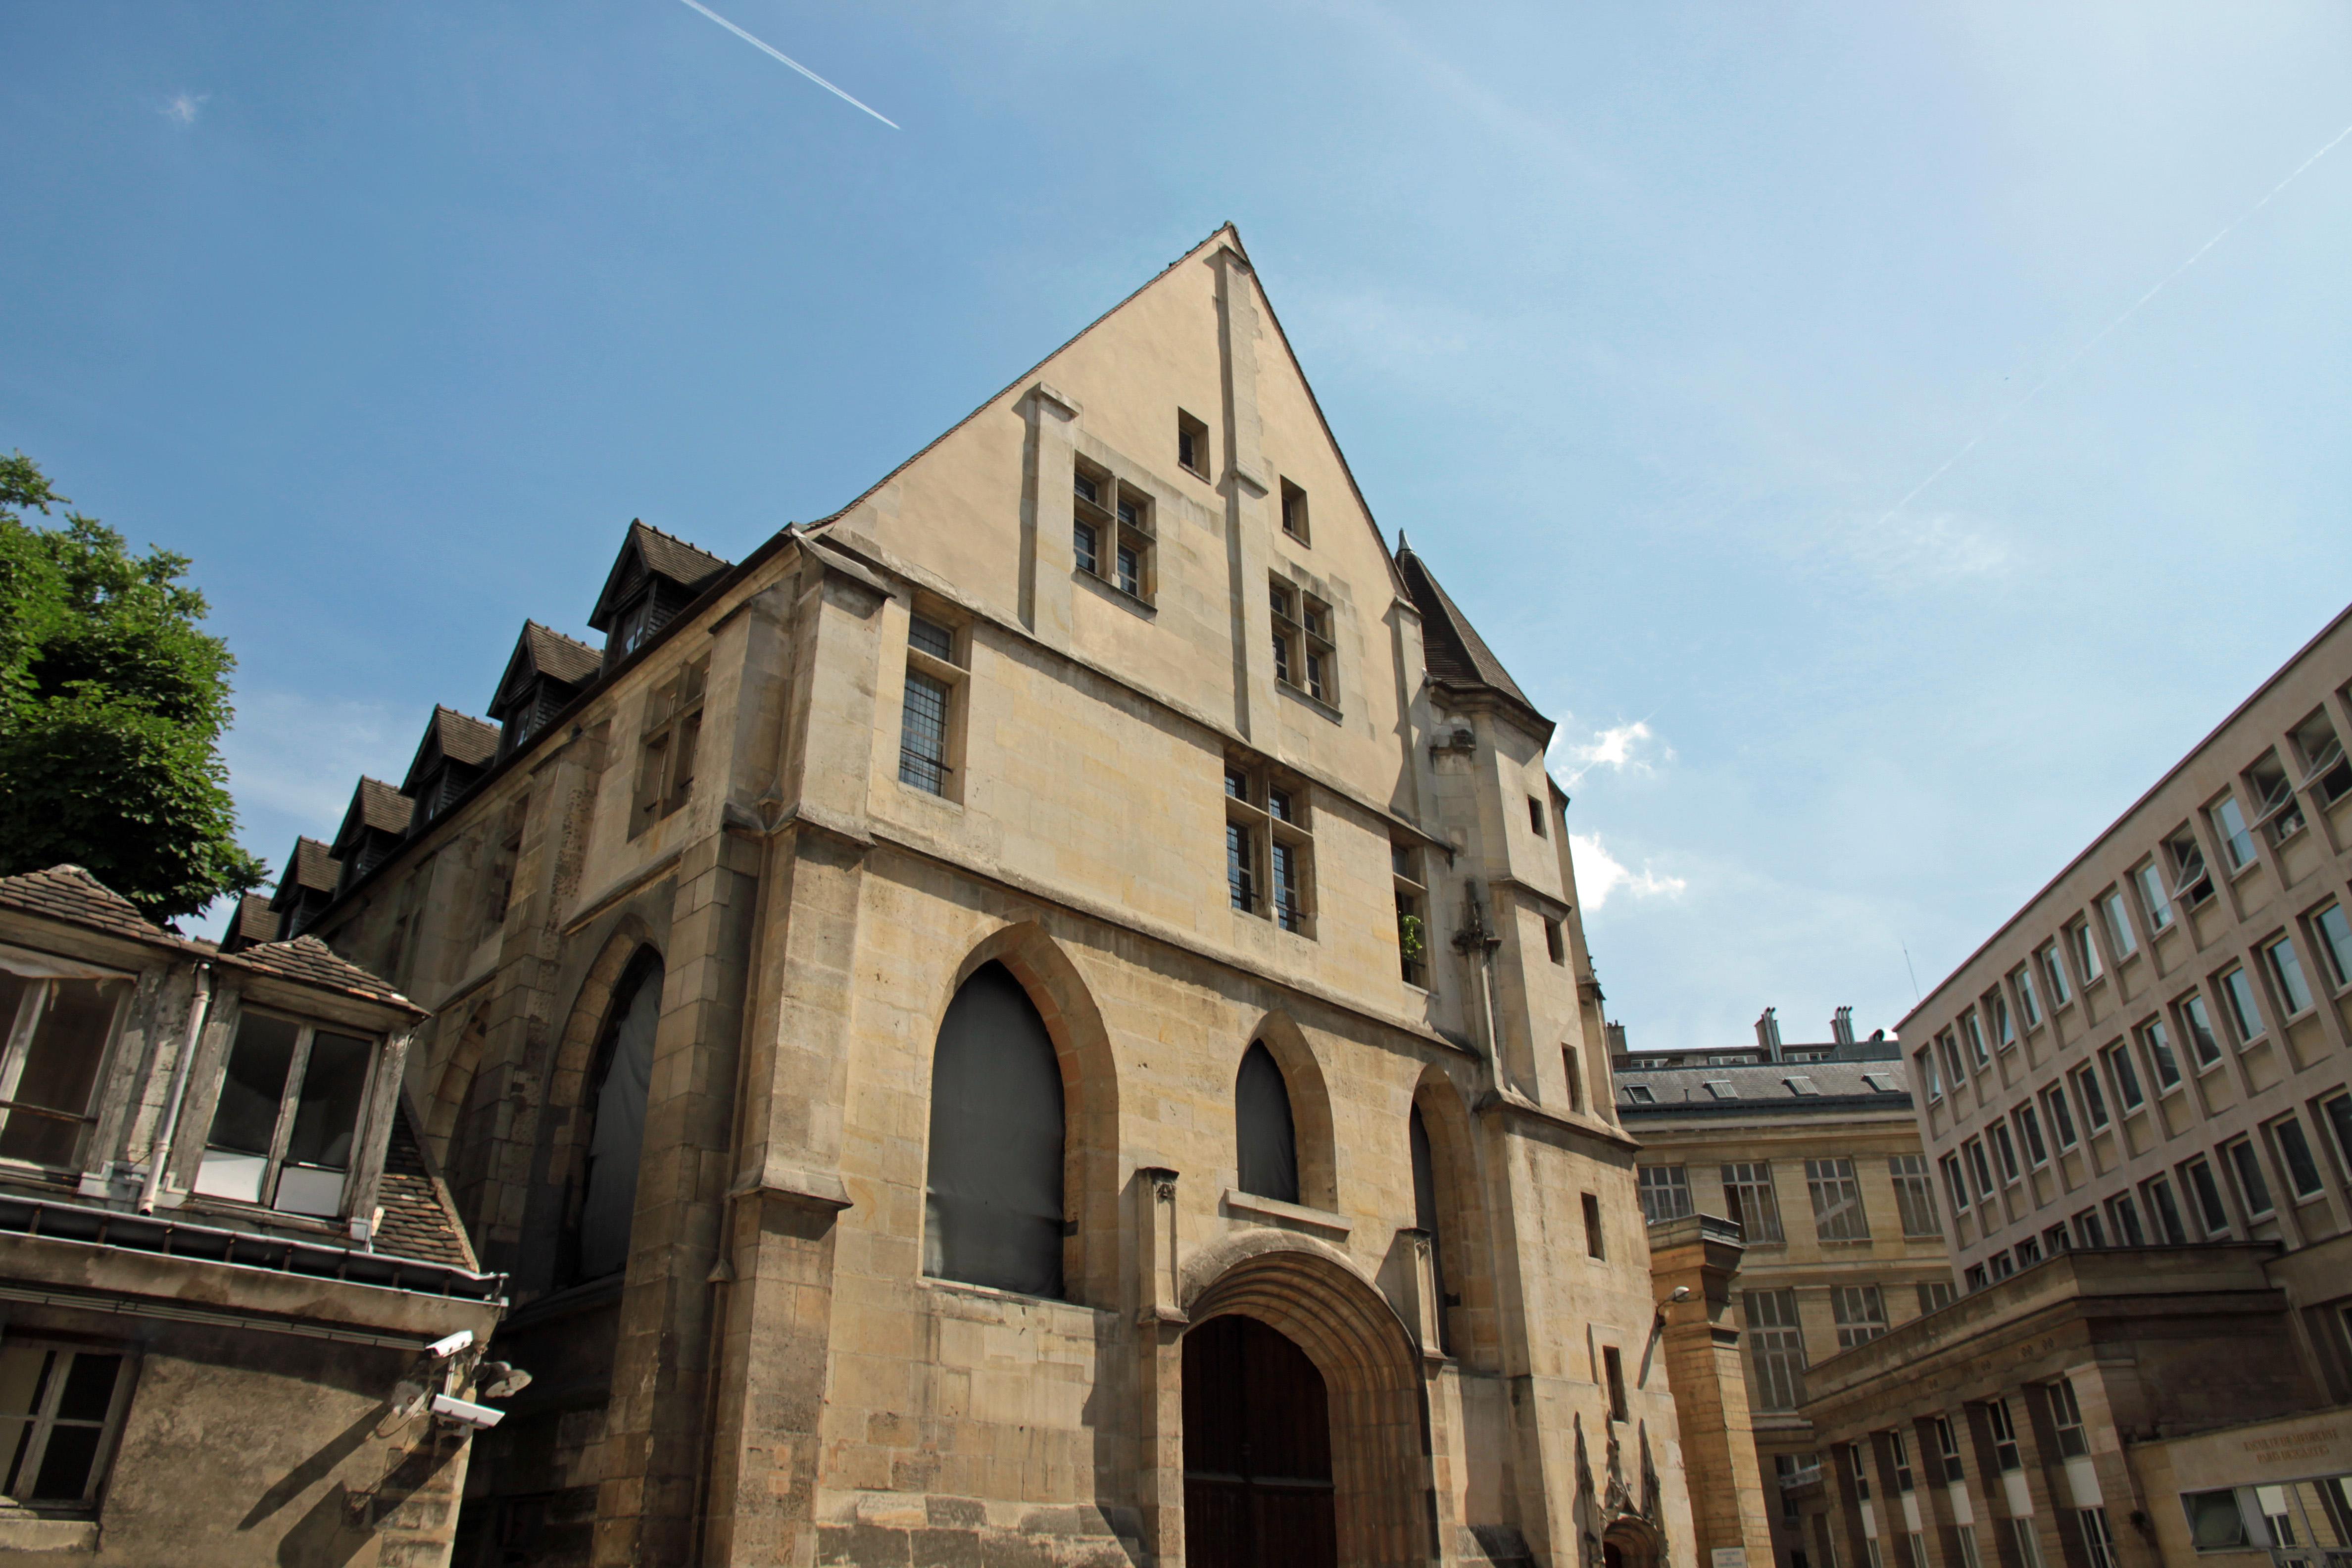 Convento dos Cordeliers